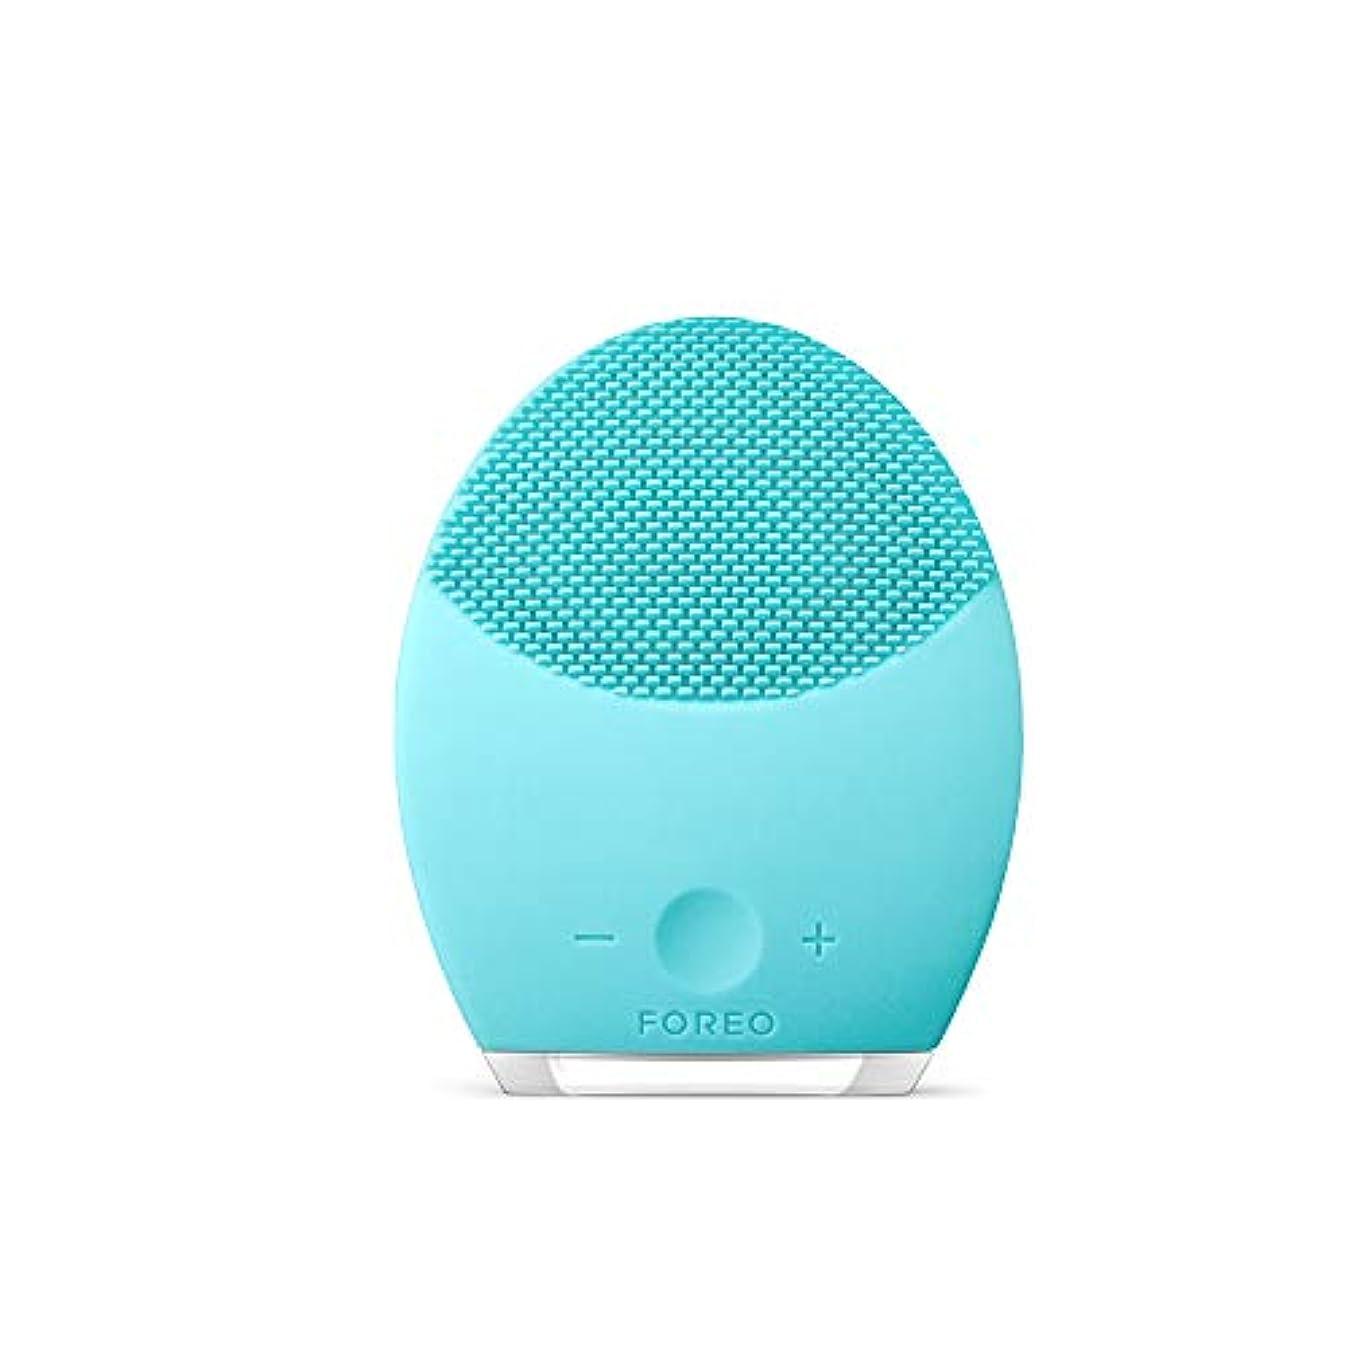 湿ったオリエントカセットFOREO LUNA 2 for オイリースキン 電動洗顔ブラシ シリコーン製 音波振動